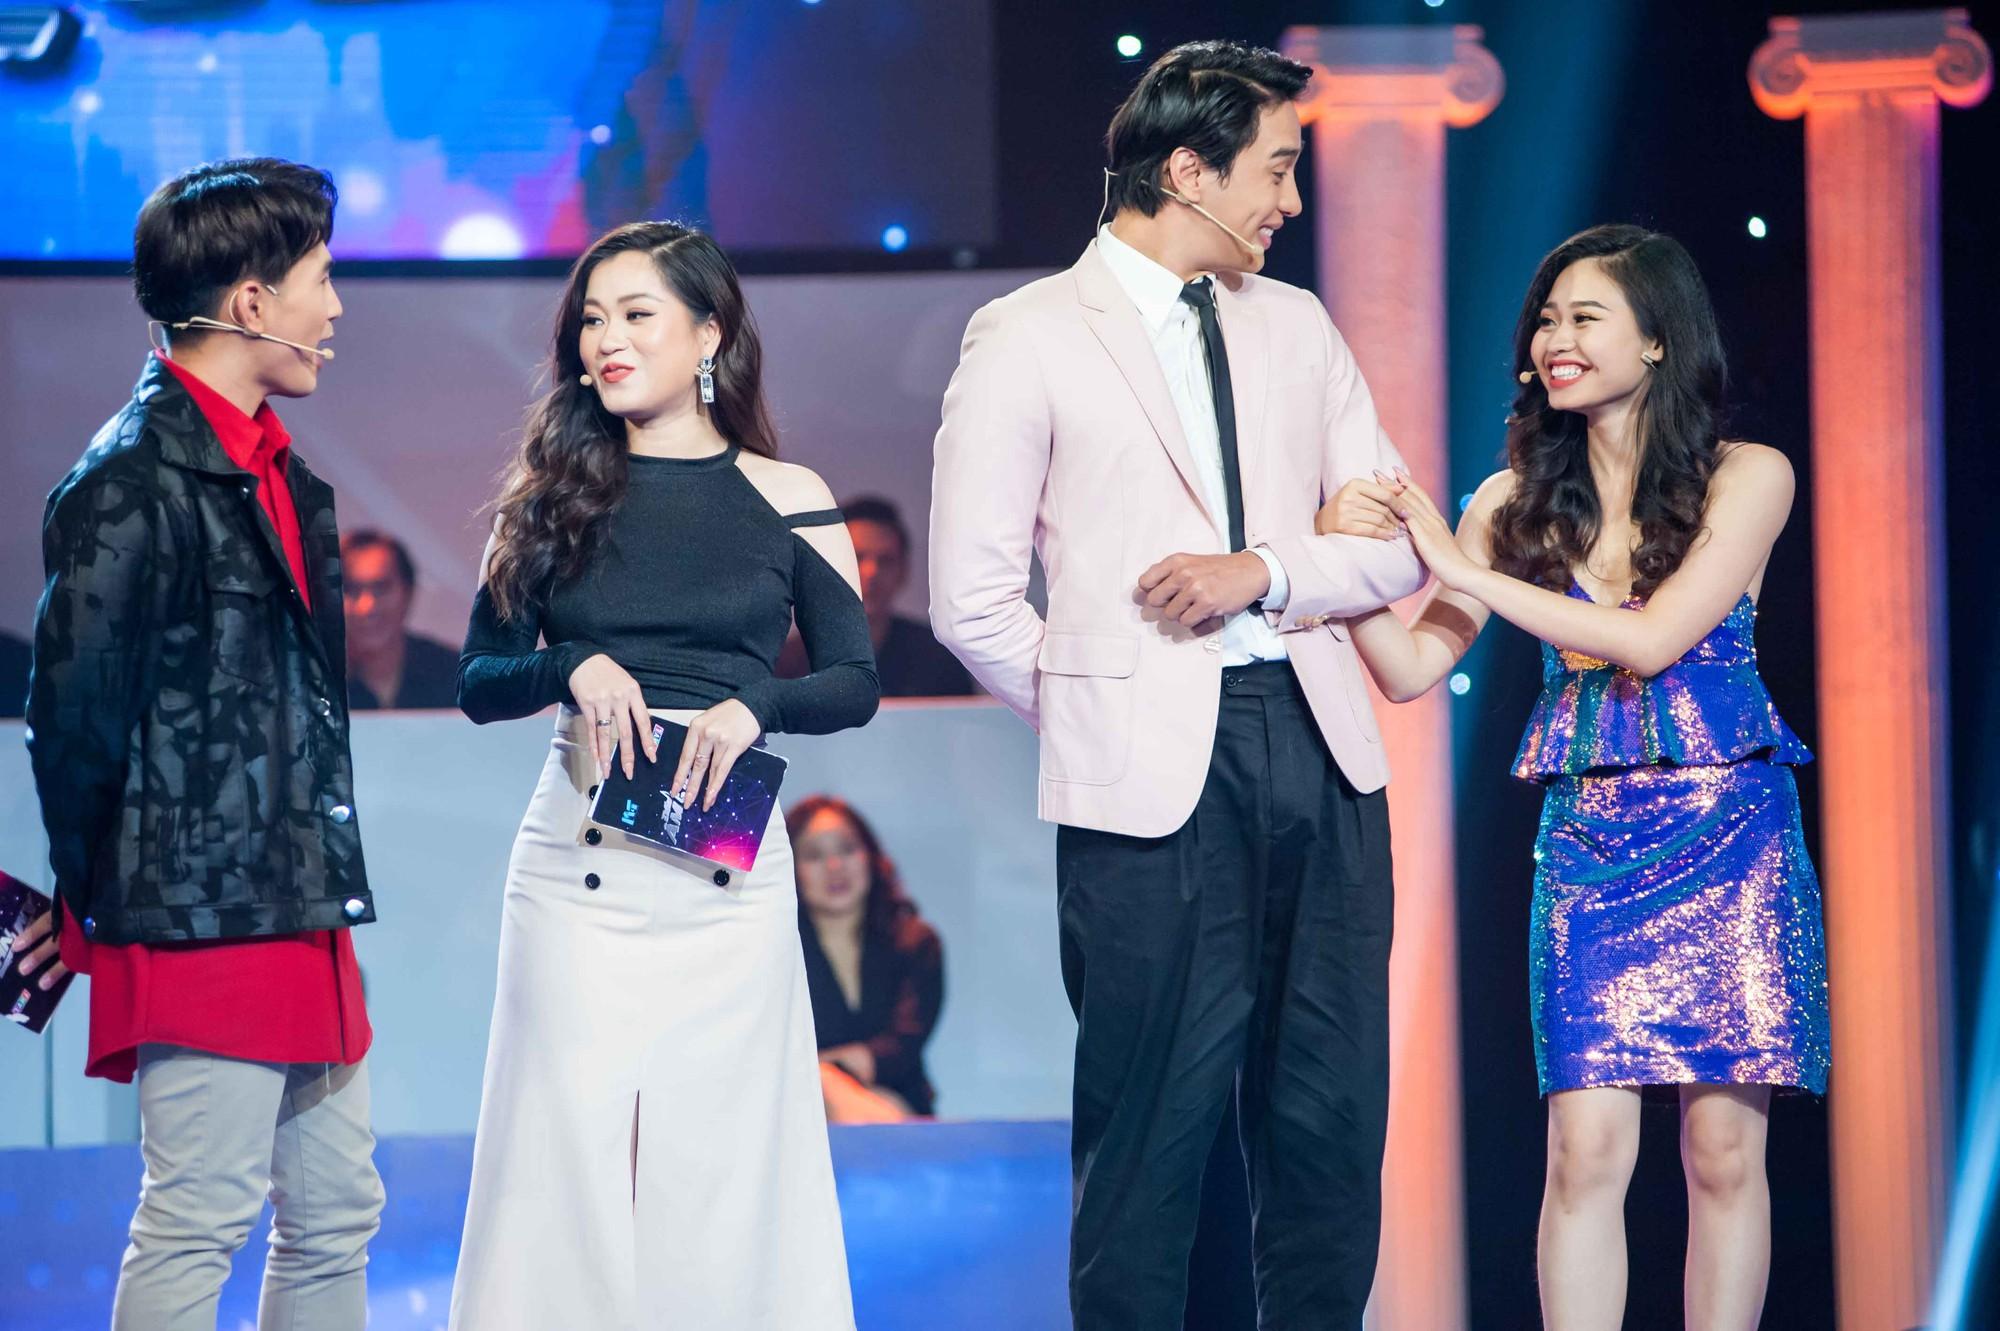 Cô gái làm náo loạn gameshow khi khoác tay Thuận Nguyễn, lại ôm Mai Tiến Dũng, kết thân với Hoàng Tôn - Ảnh 3.